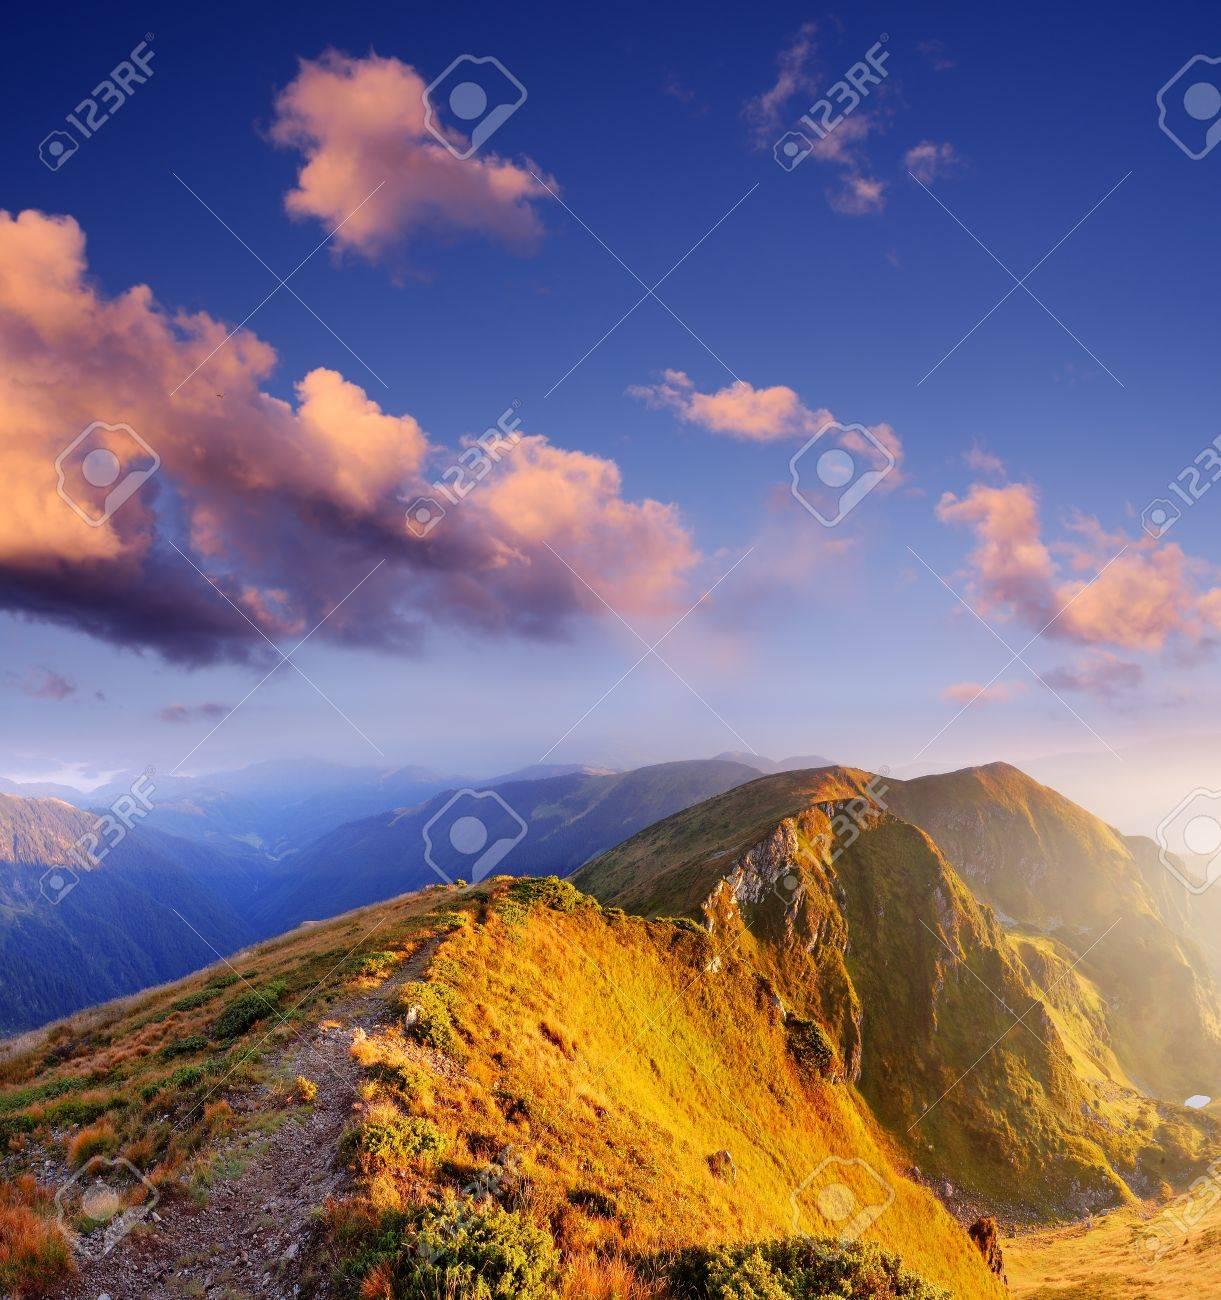 Matin fantastique dans les montagnes Ensoleillé paysage de montagnes des Carpates, Ukraine, Europe Banque d'images - 21365325